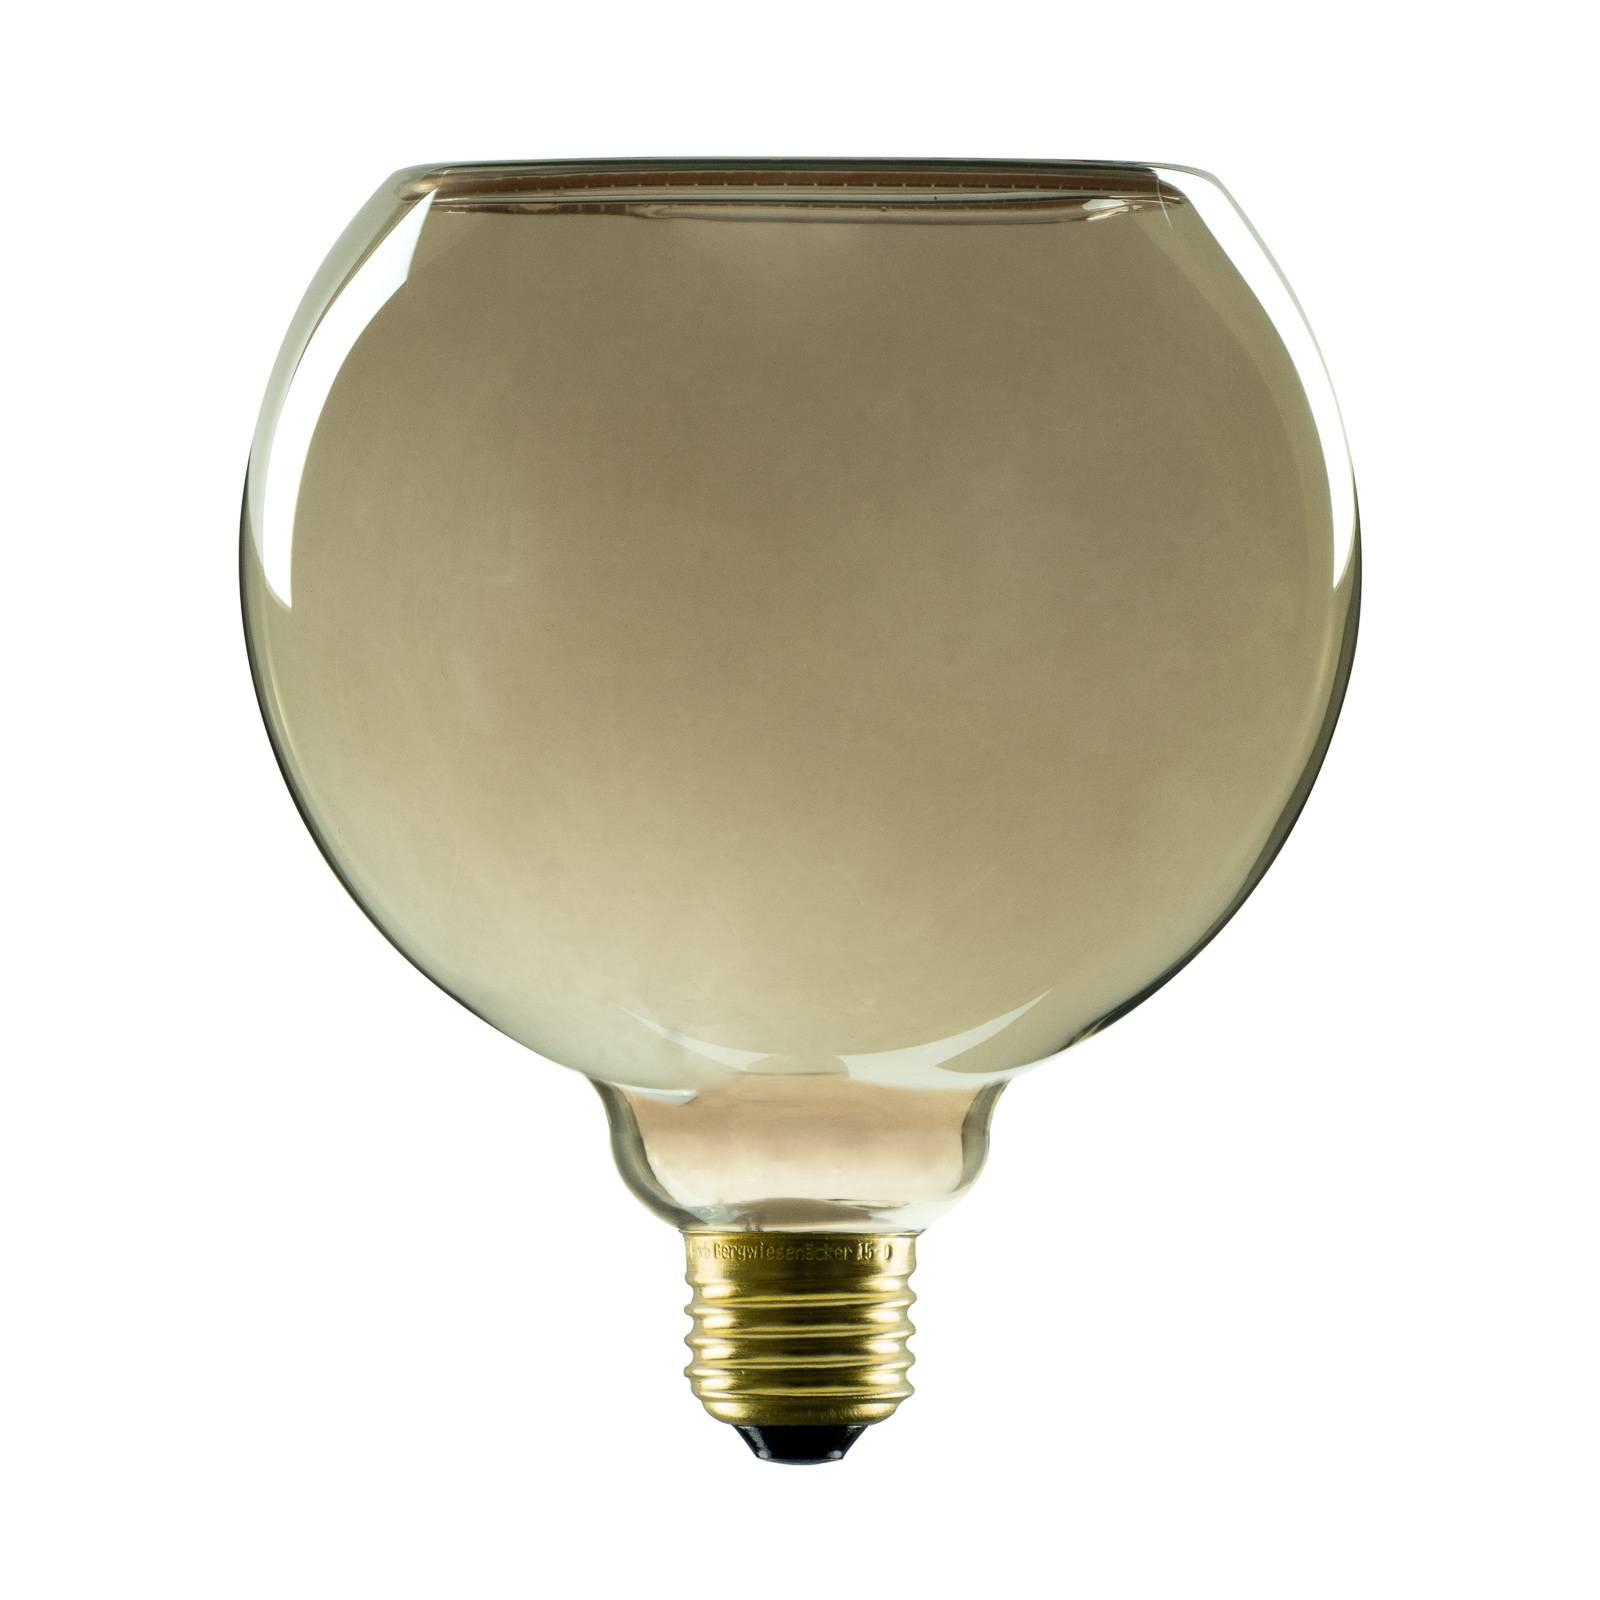 SEGULA LED-Floating-globe-lamppu G150 E27 8W savu